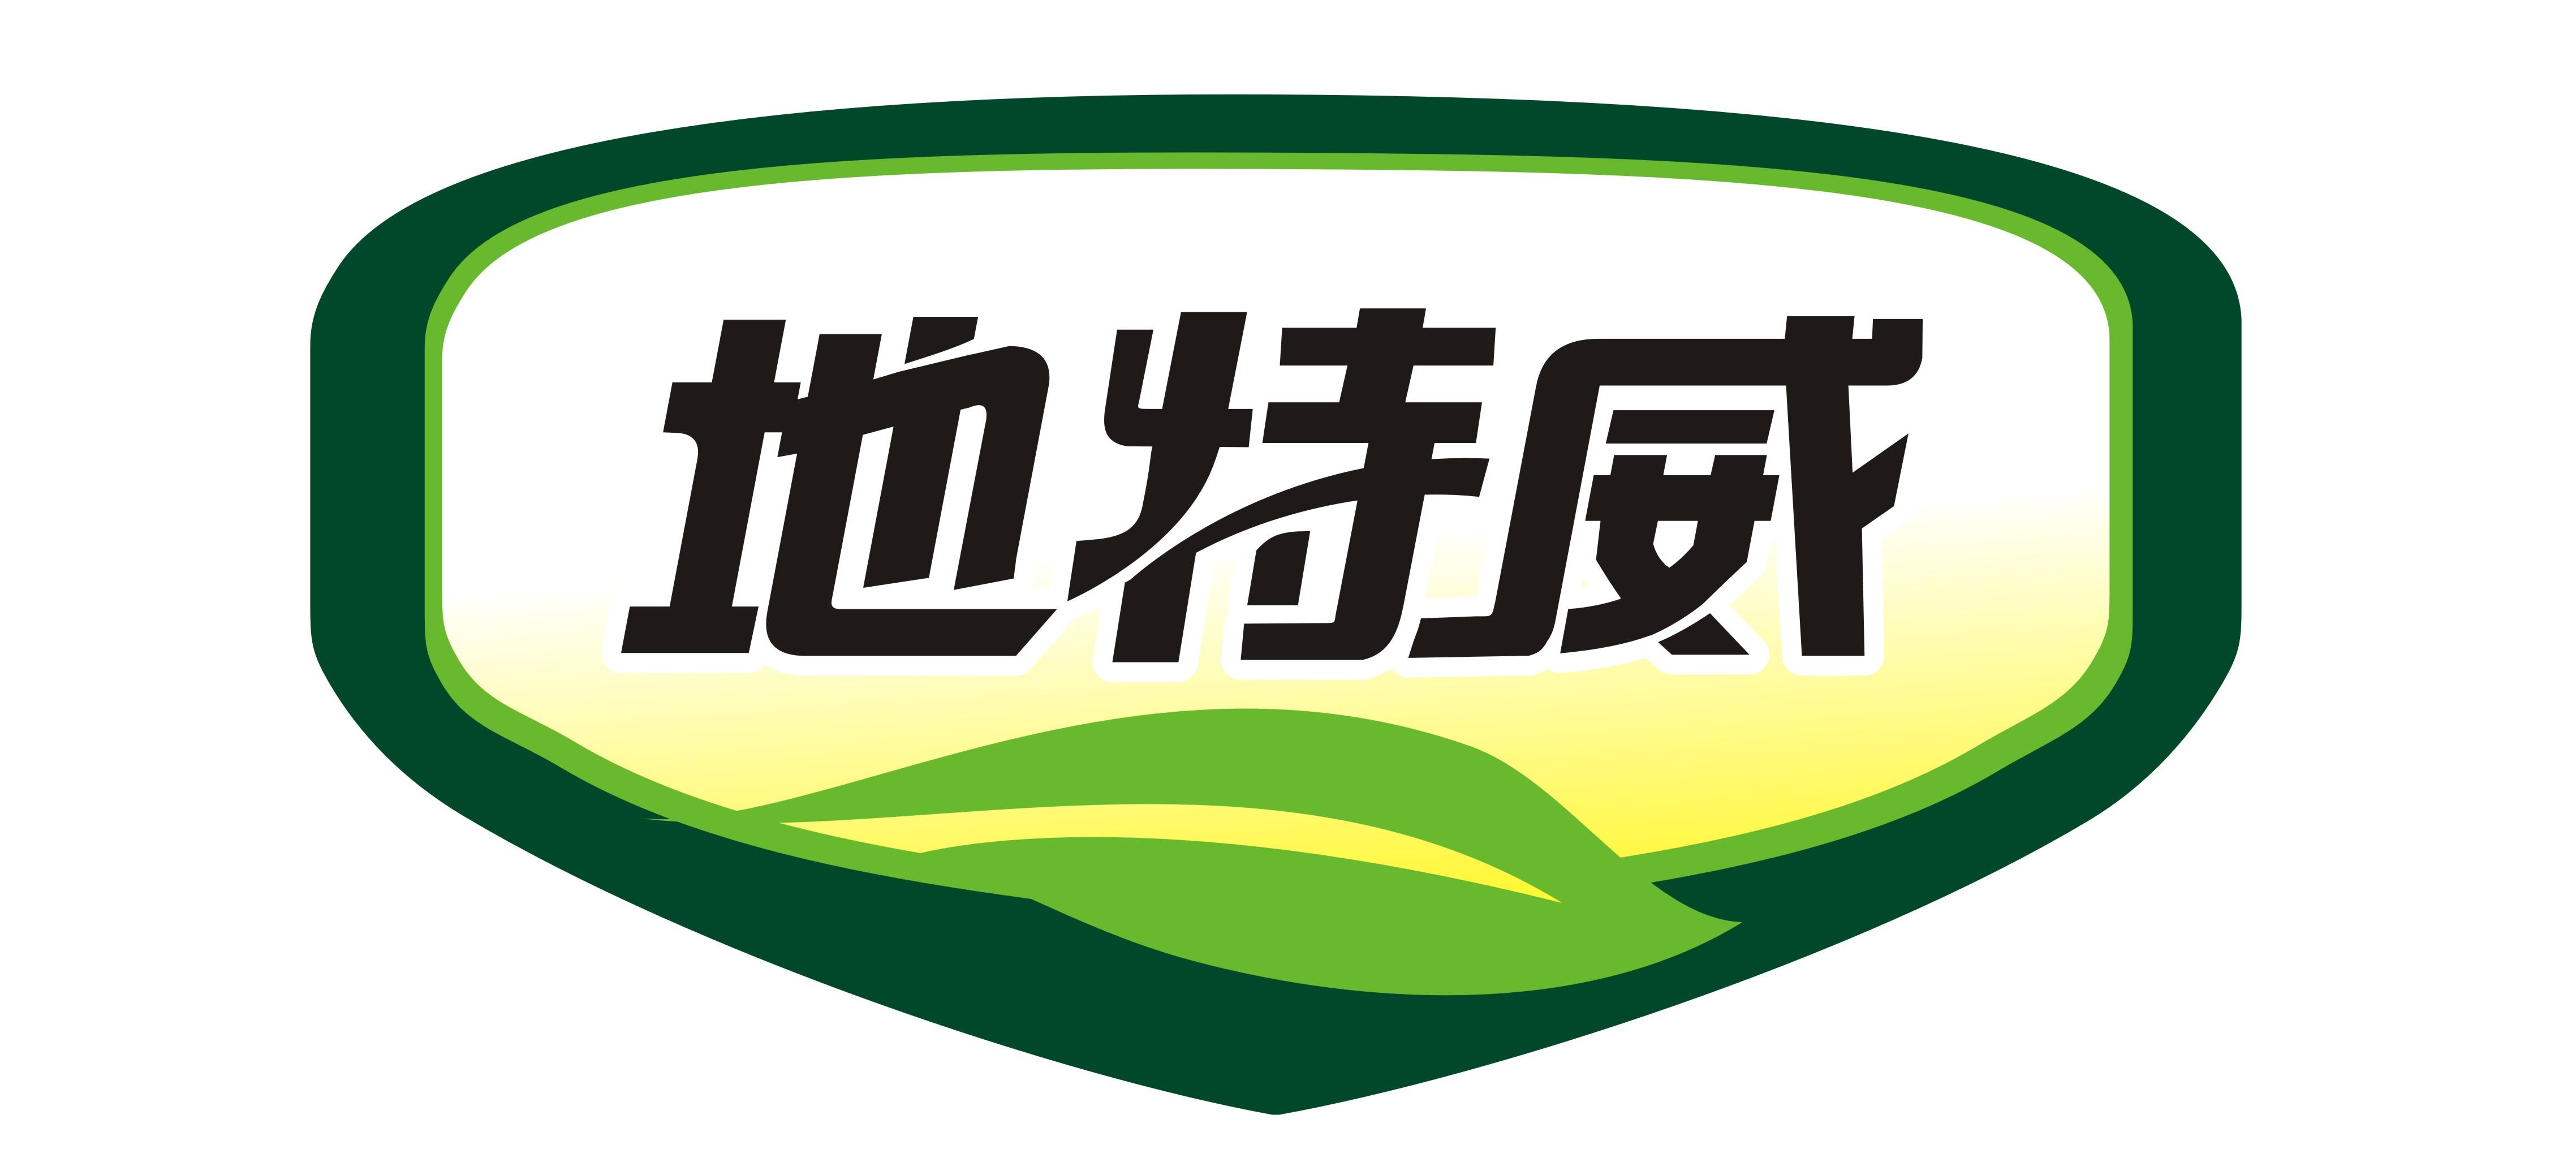 地特威叶面肥、膨大剂,高端绿色产品,为农业增产增收保驾护航!